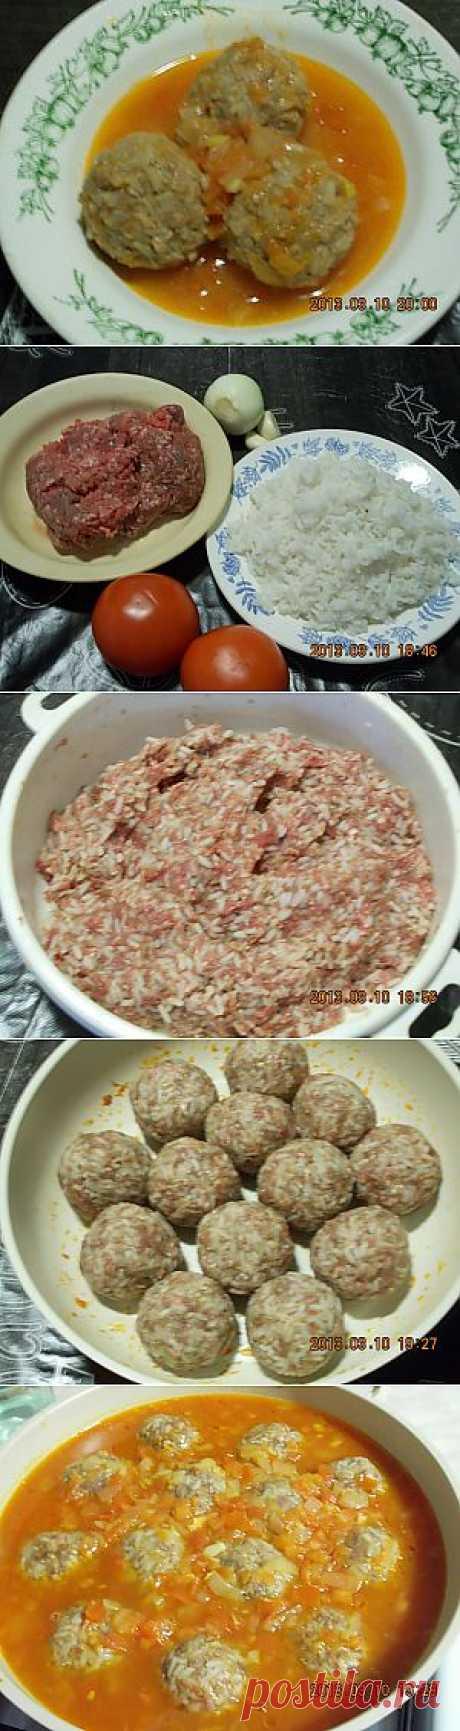 Замечательный рецепт мясных Ежиков!